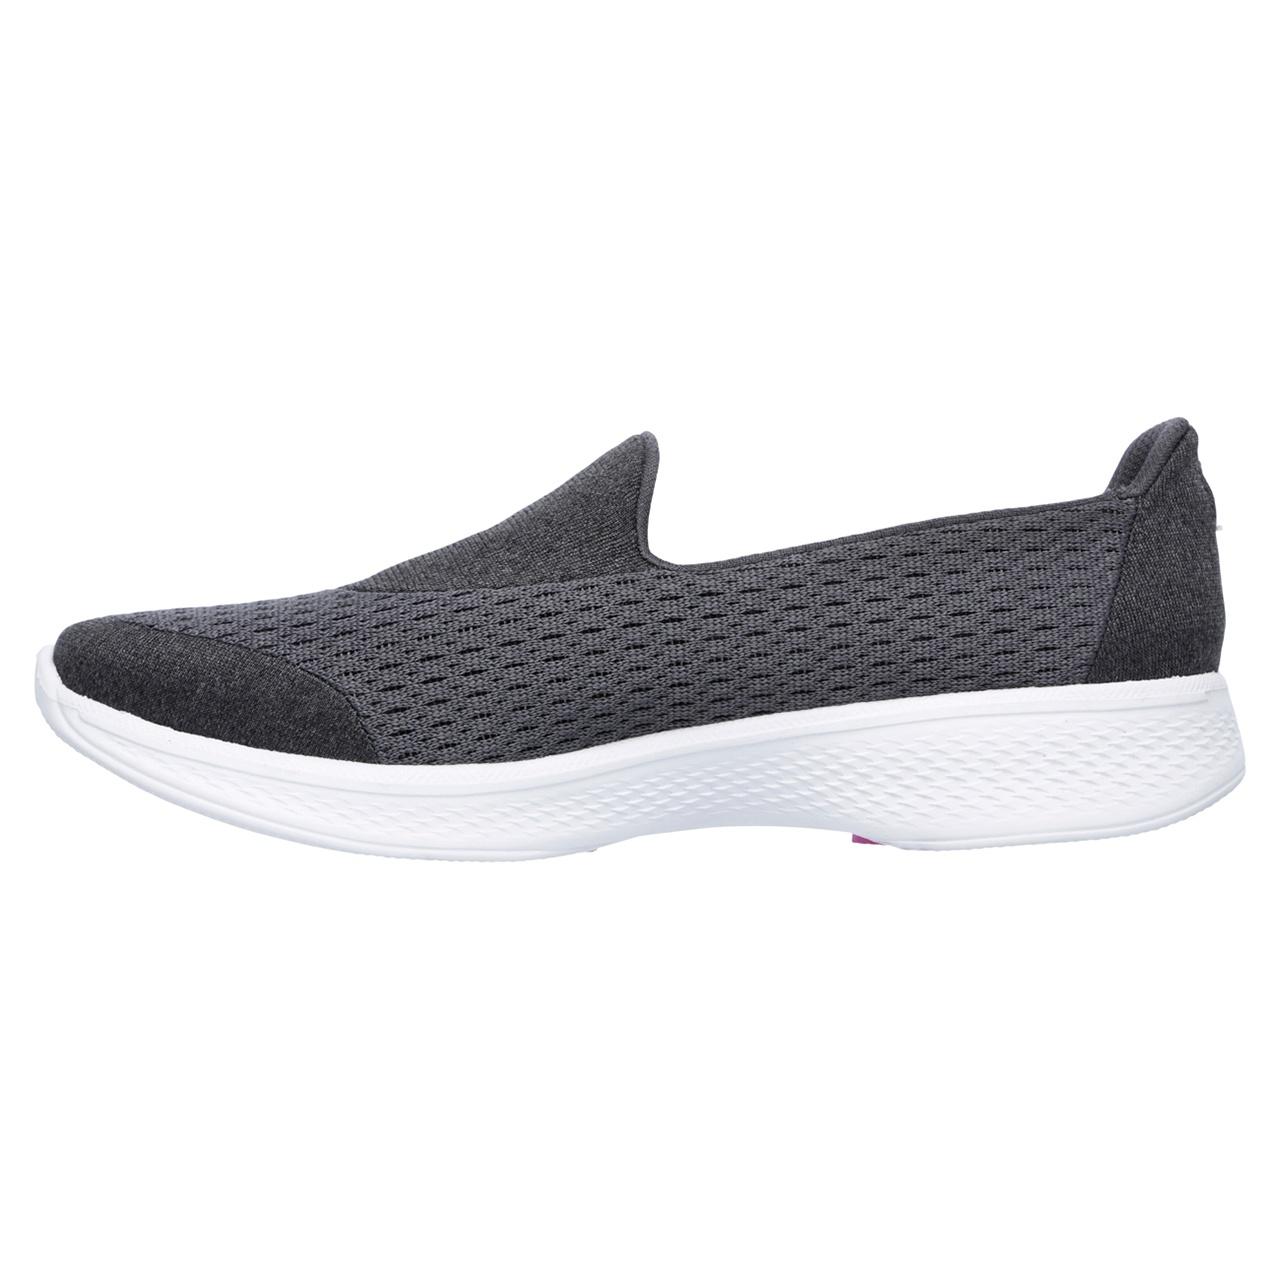 کفش مخصوص پیاده روی زنانه اسکچرز مدل 14148CHAR